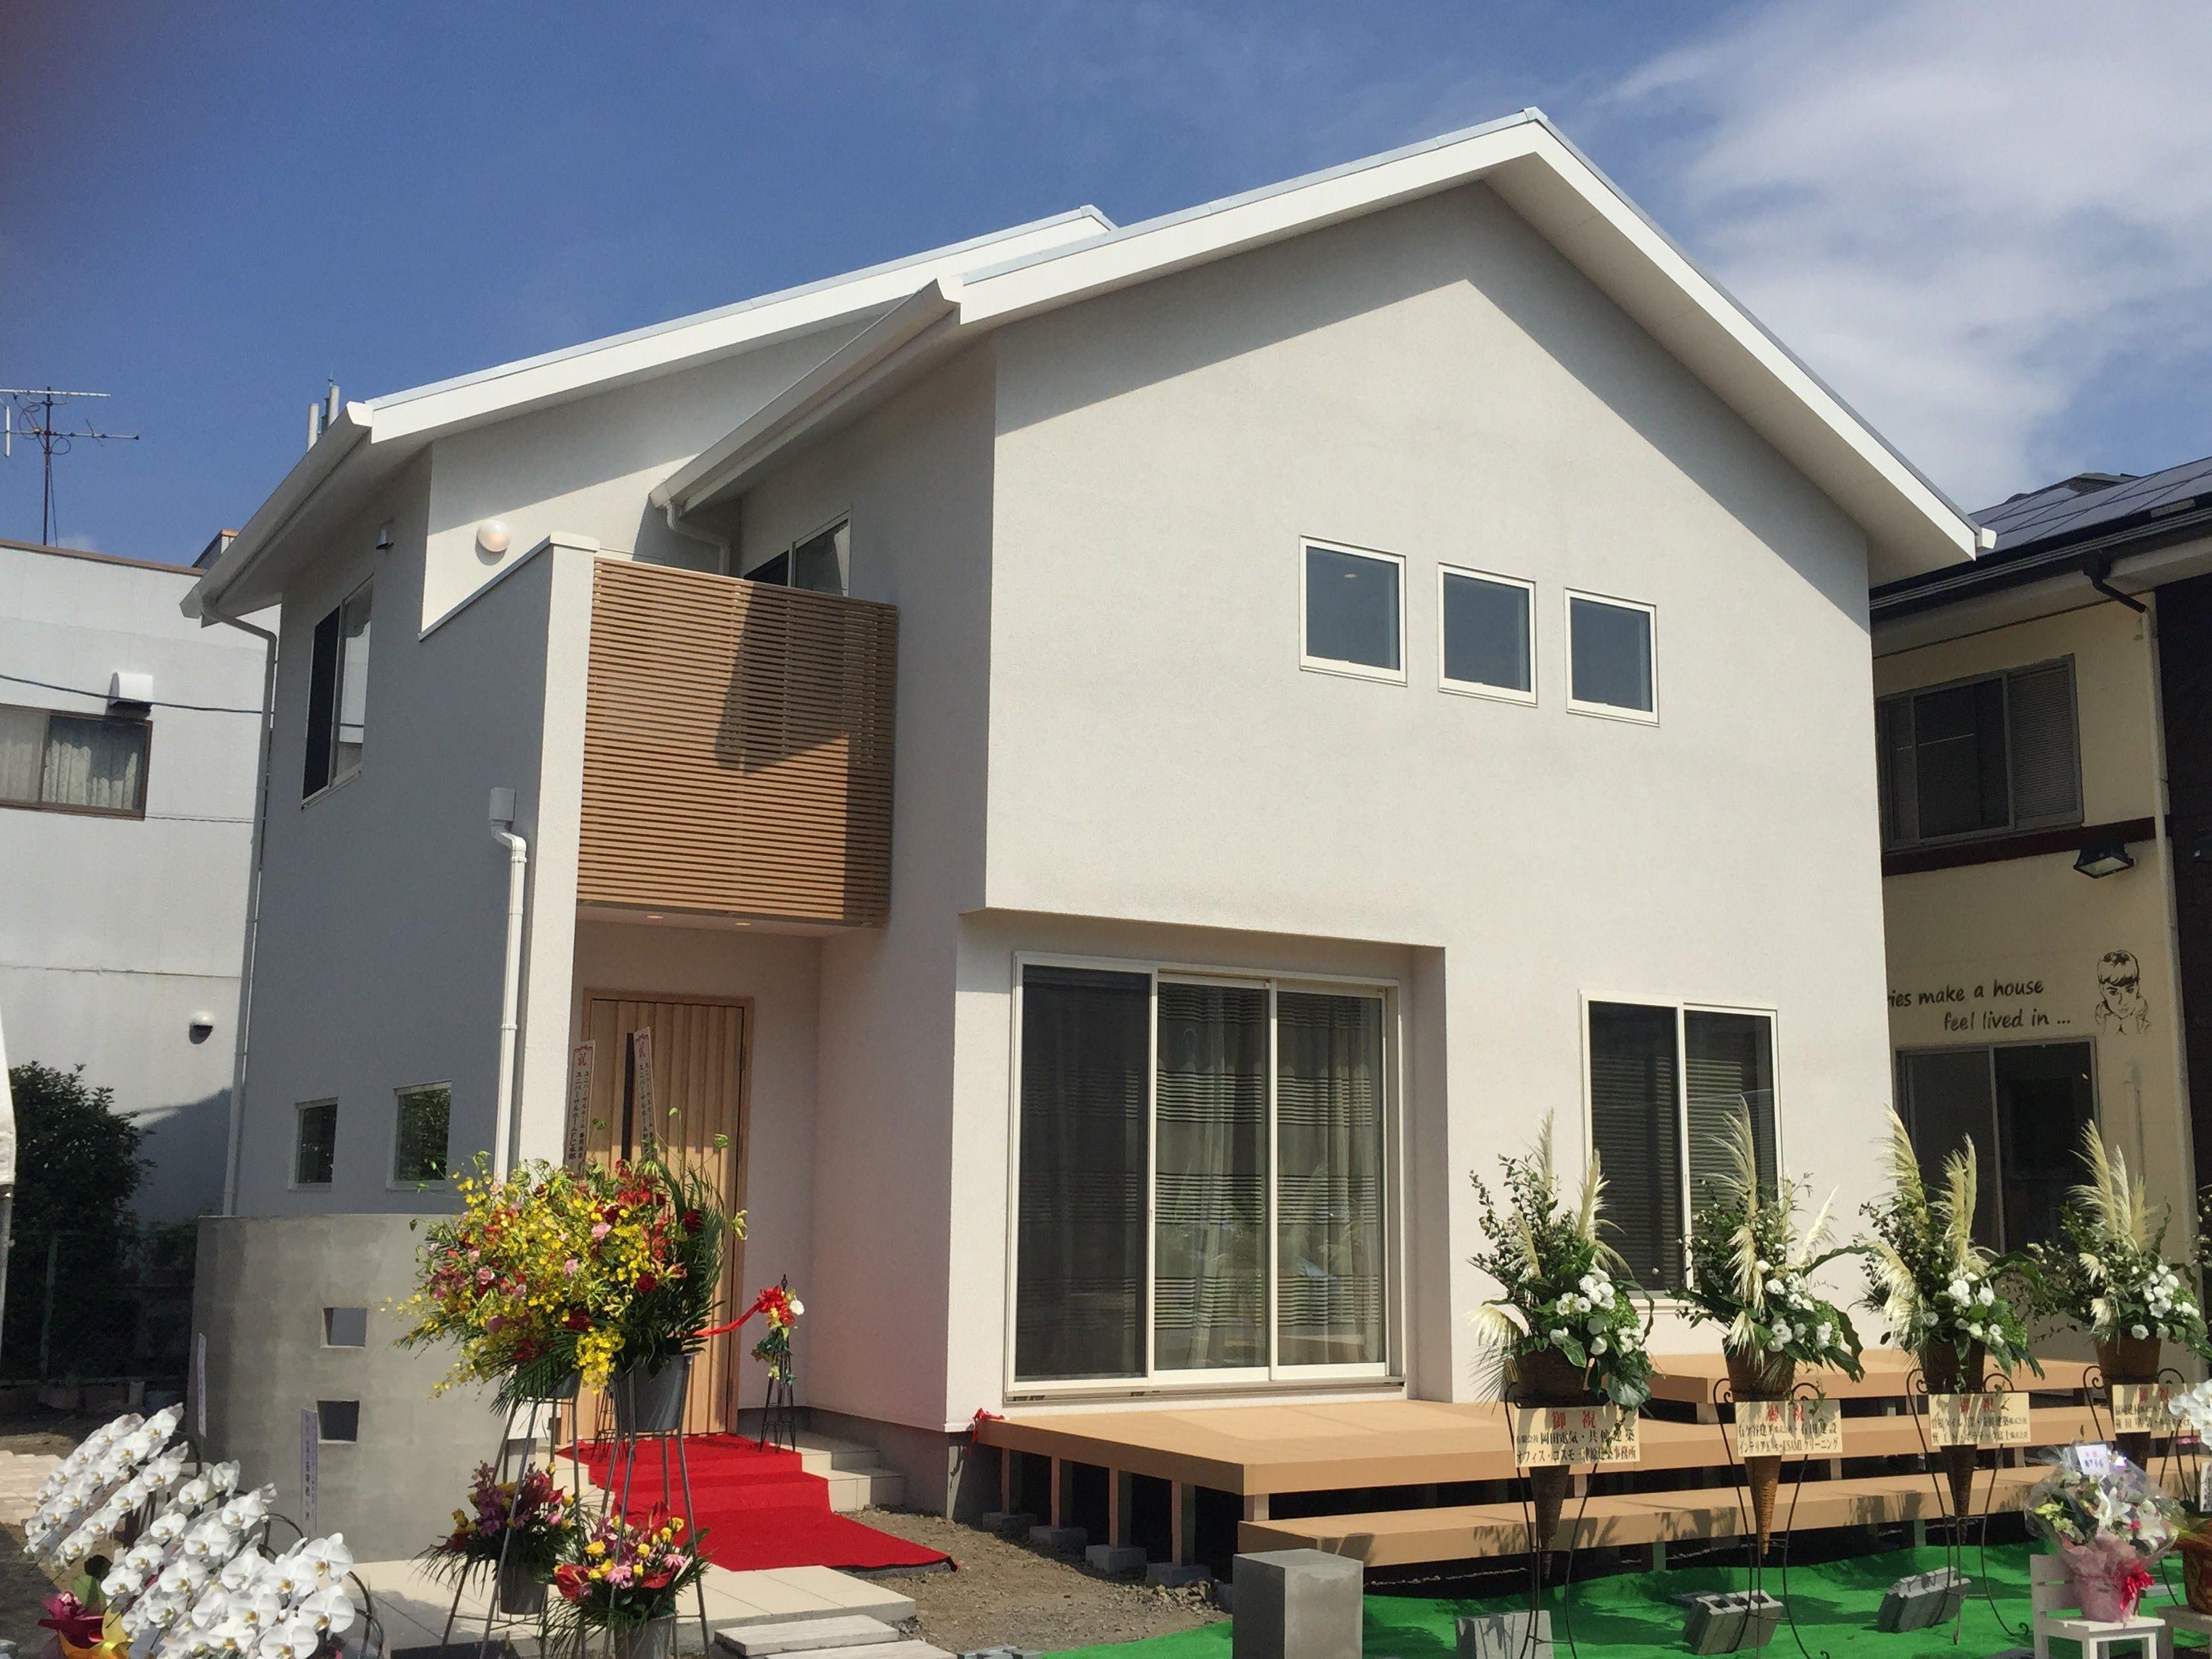 モデルハウス(住宅展示場)静岡南店